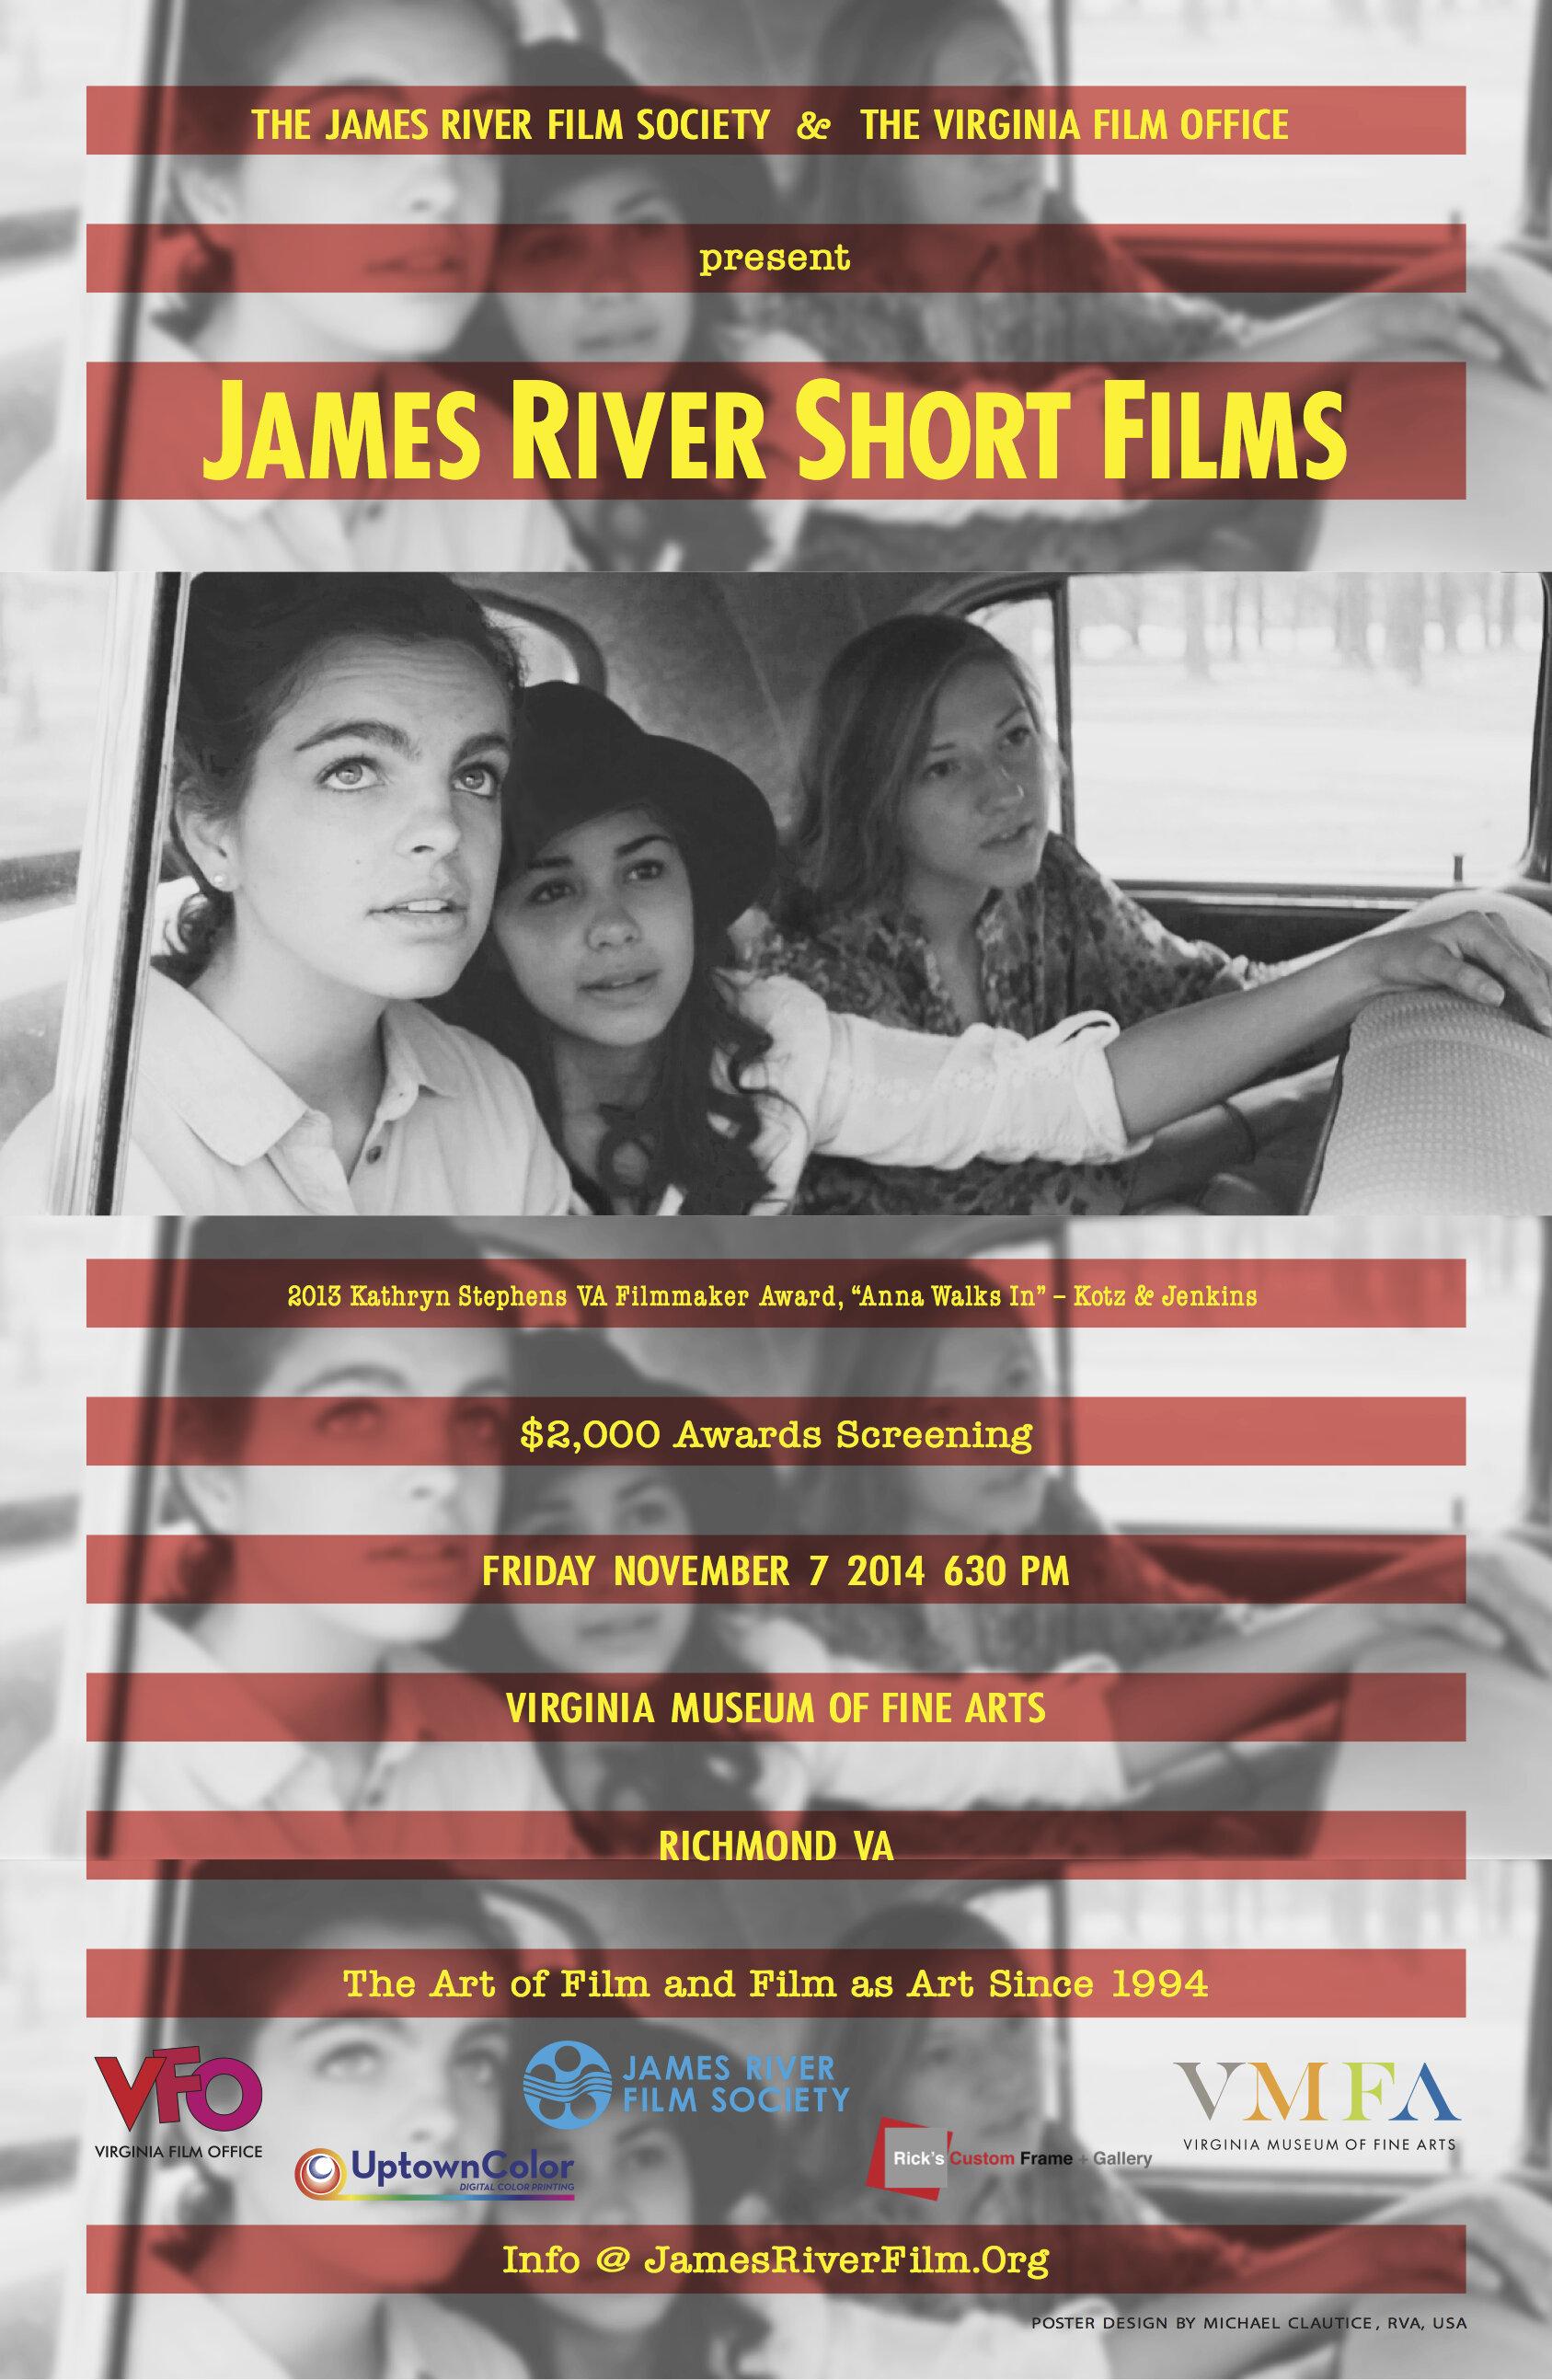 JamesRiverShortFilmsPoster.jpg